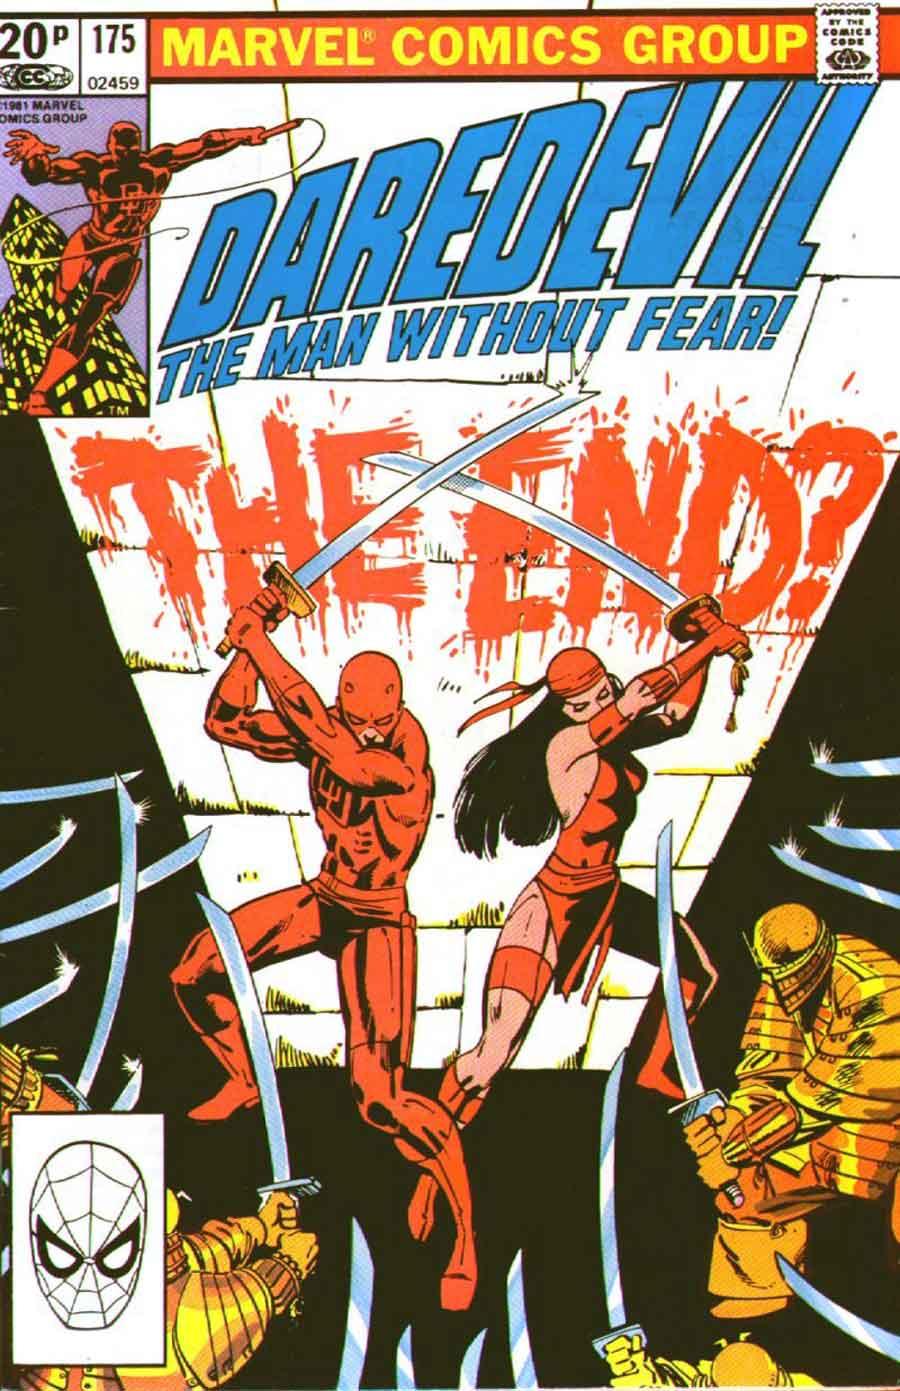 Daredevil v1 #175 elektra marvel comic book cover art by Frank Miller